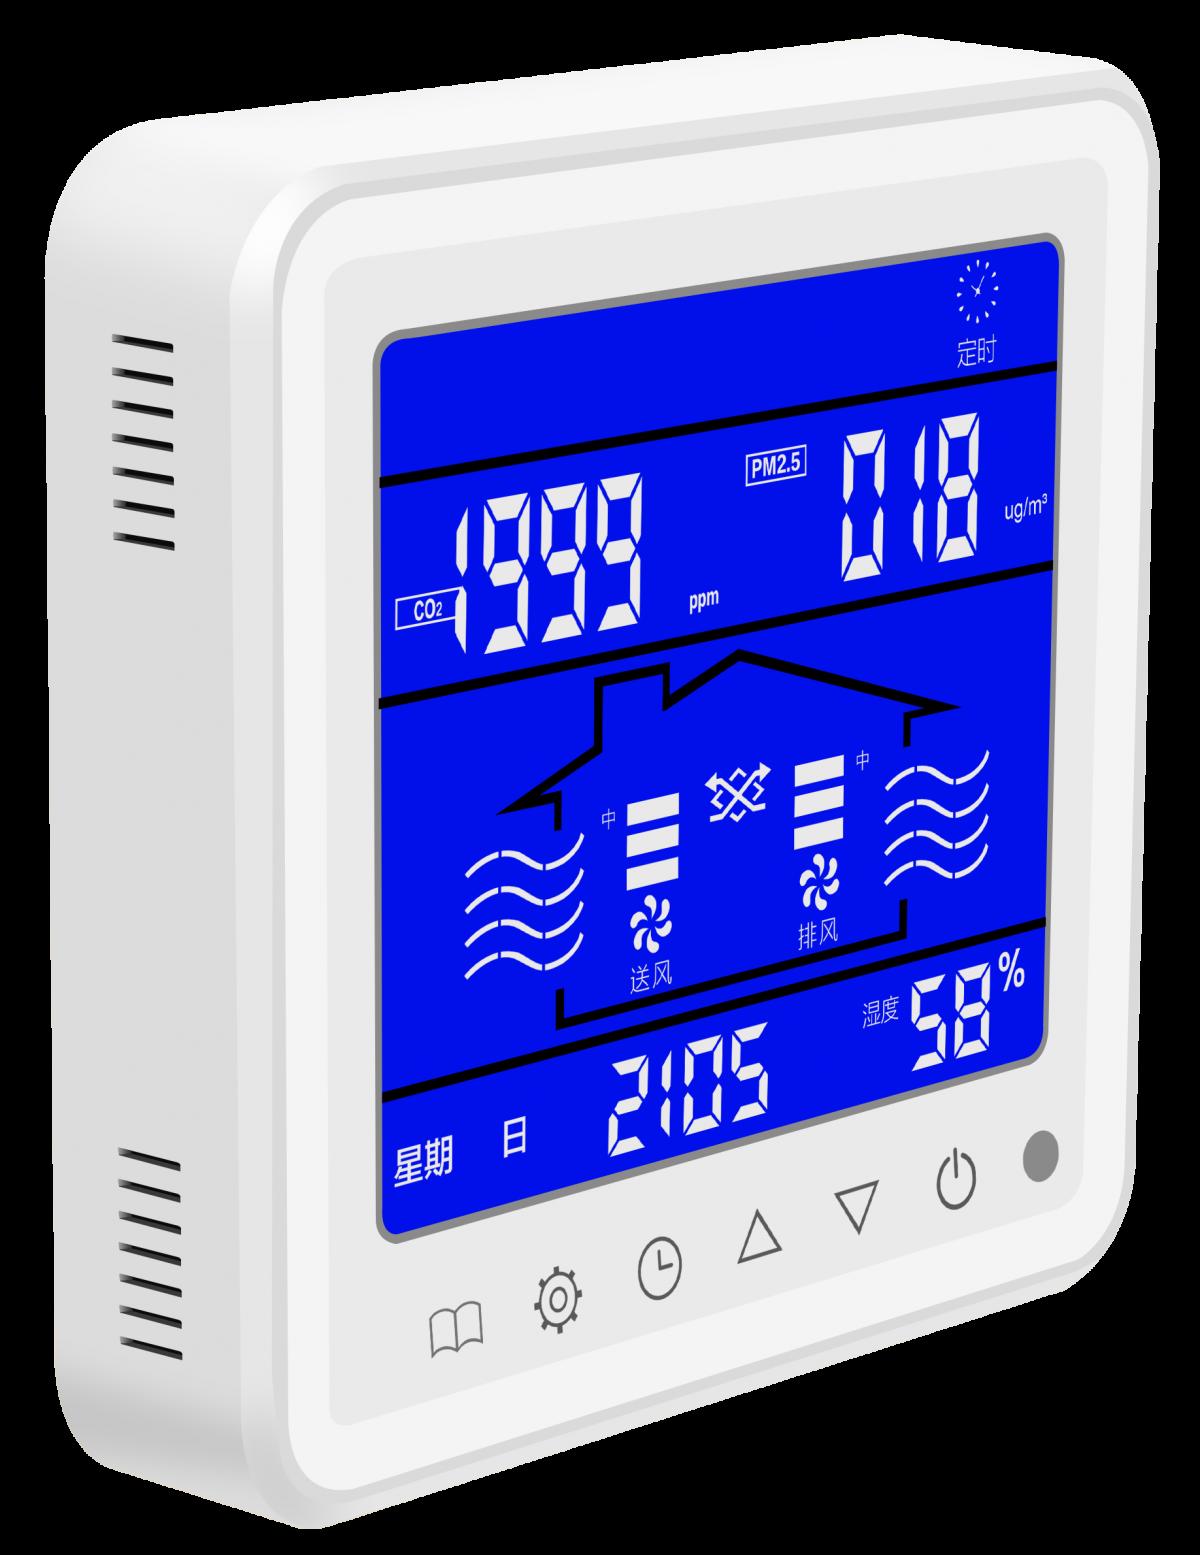 KF-600E新風智能控制器大屏顯示五合一液晶開關面板